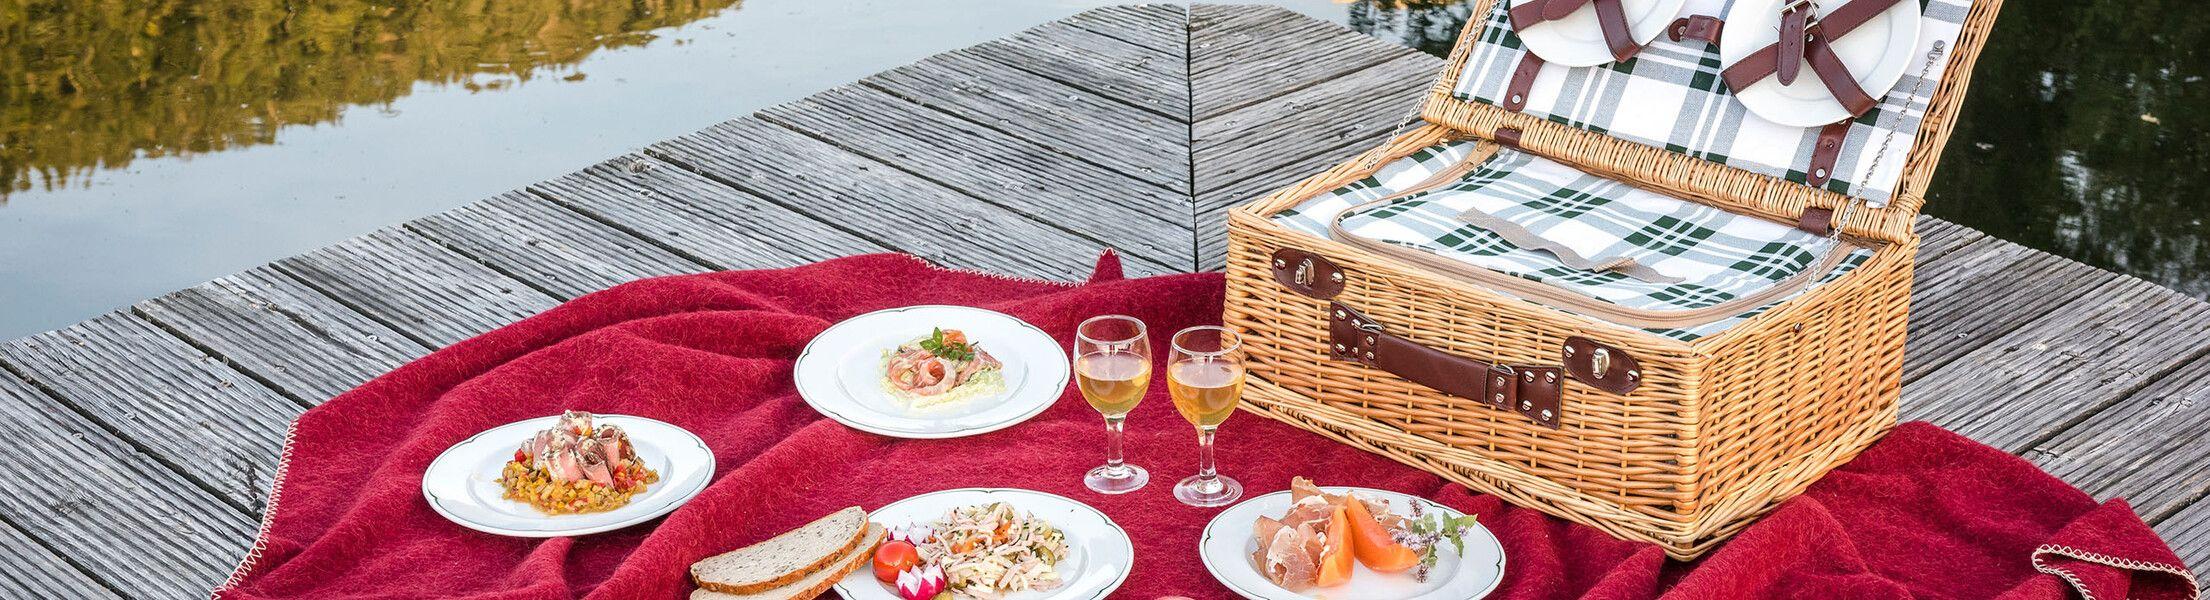 Picknick am See im Lammertal